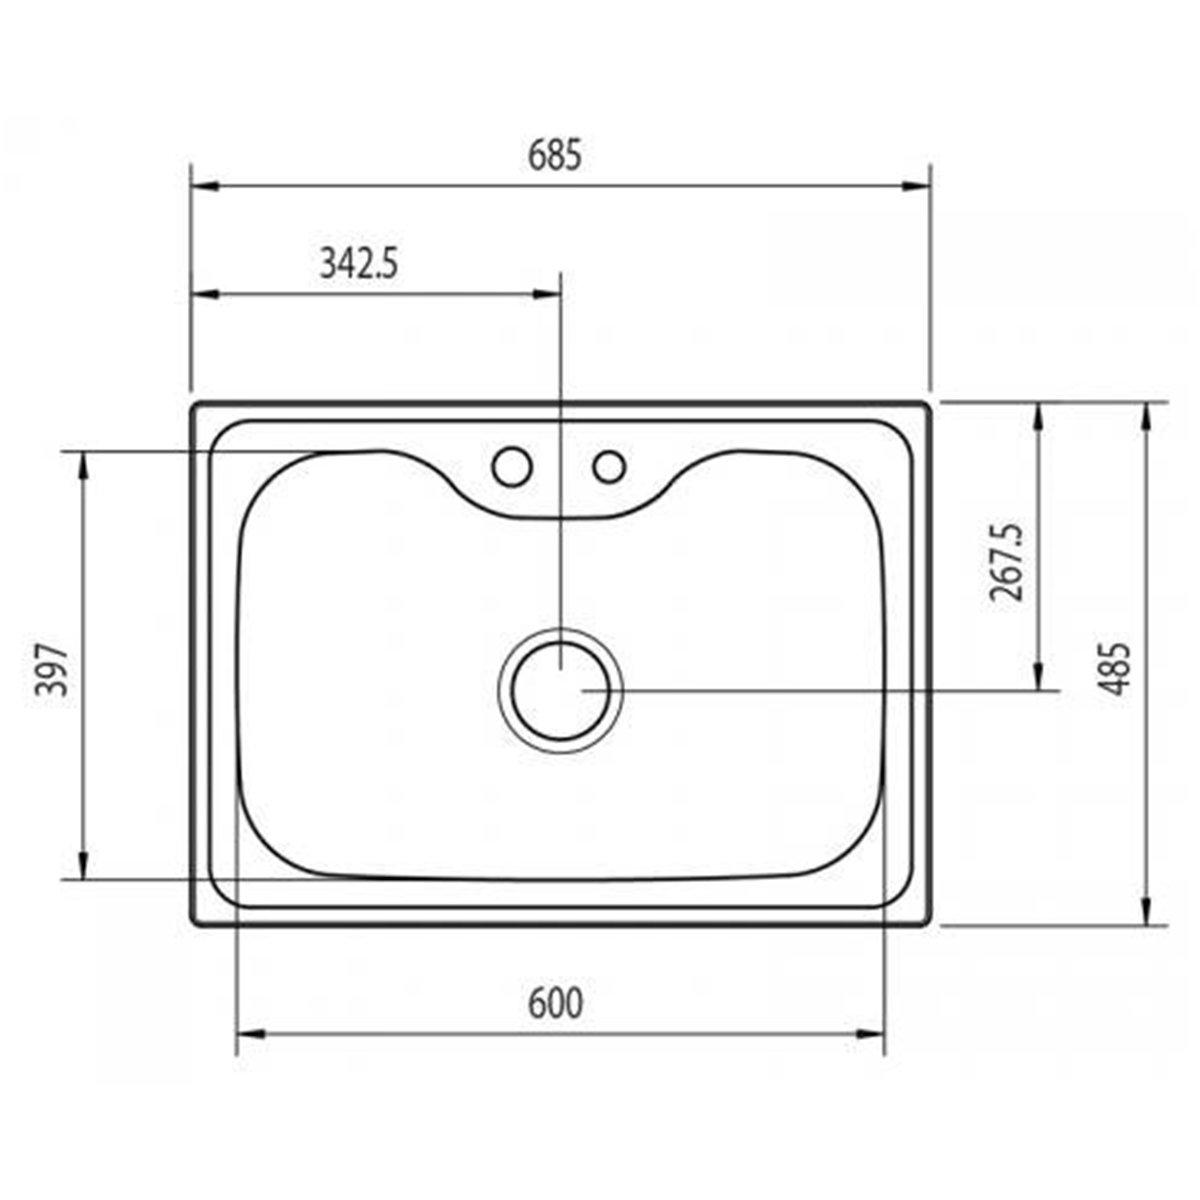 Medidas e Desenho técnico com as medidas da Cuba Tramontina Morgana 60FX